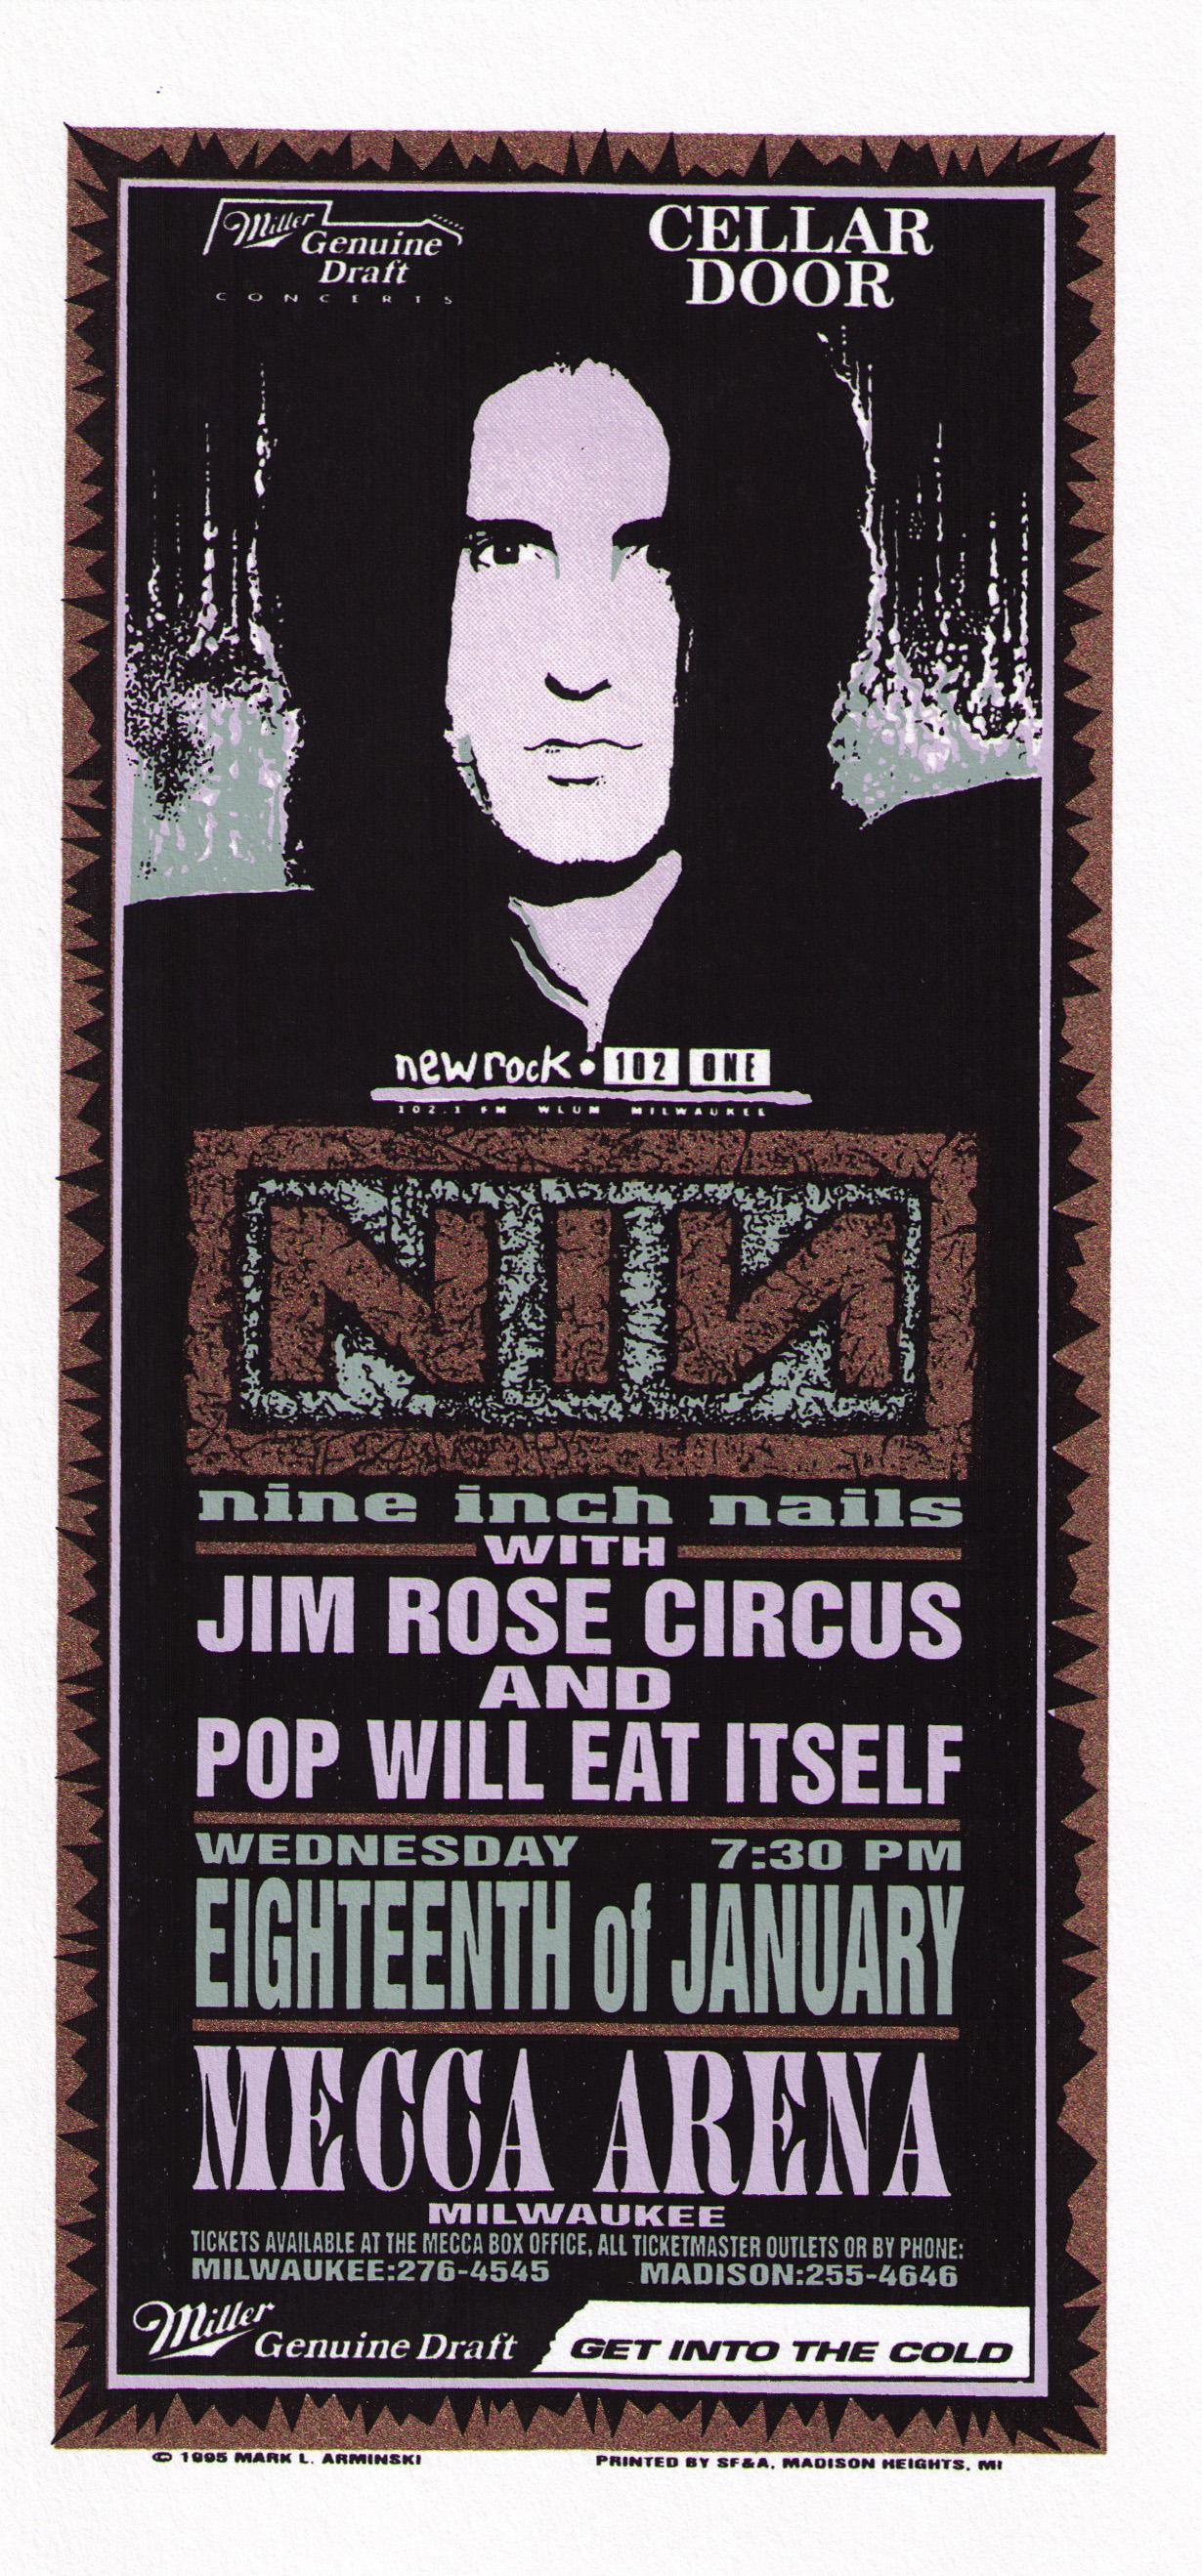 Mark Arminski Nine Inch Nails Original Rock Concert Poster | Limited ...